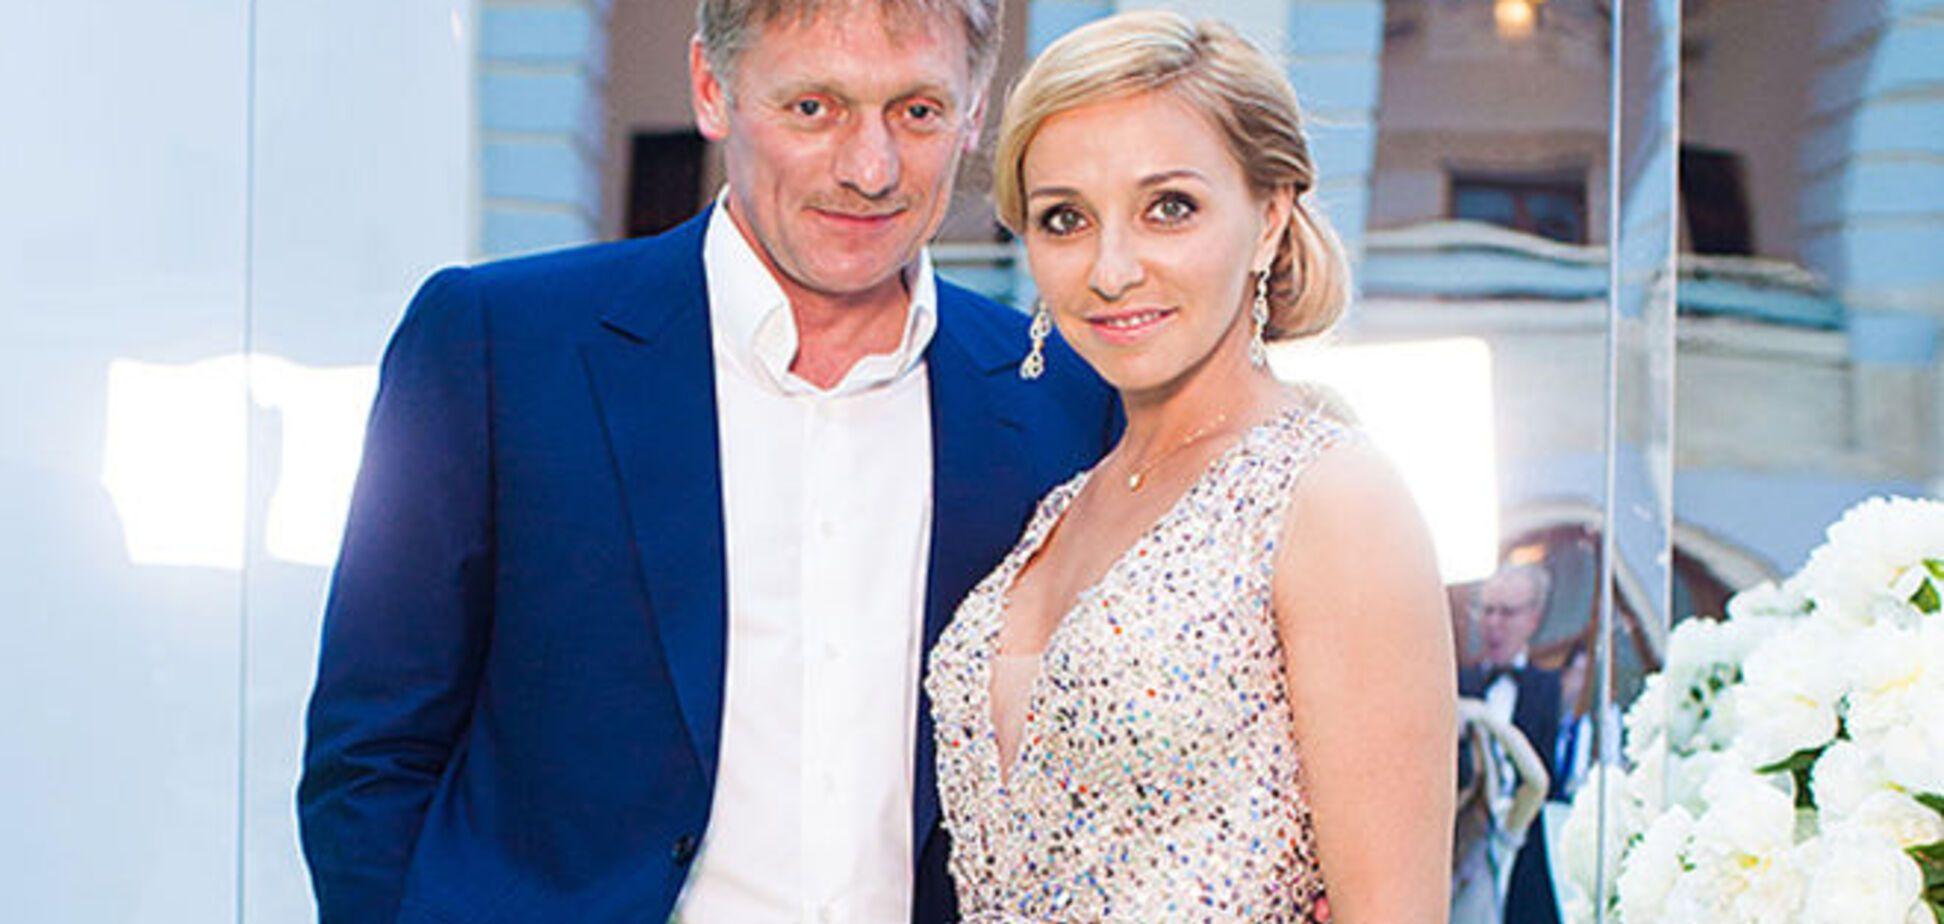 Пресс-секретарь Путина и фигуристка Навка поженились